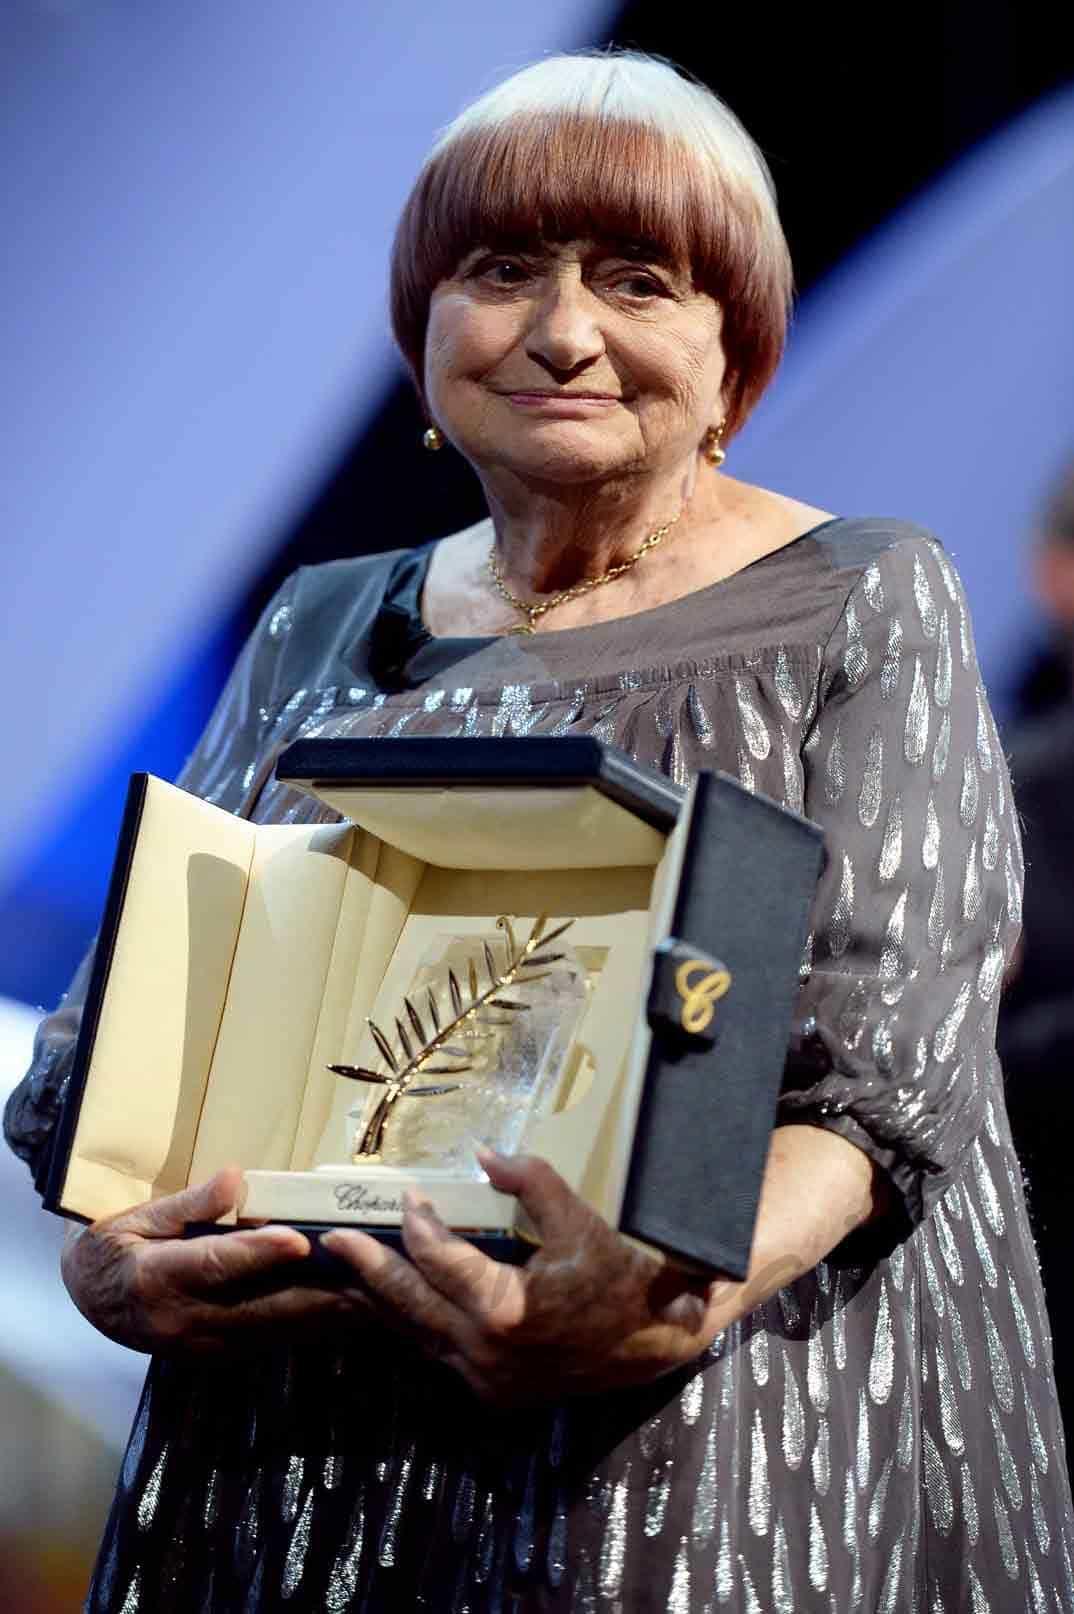 La directora Agnès Varda recoge la Palma de Oro de Honor del festival de Cannes 2015.